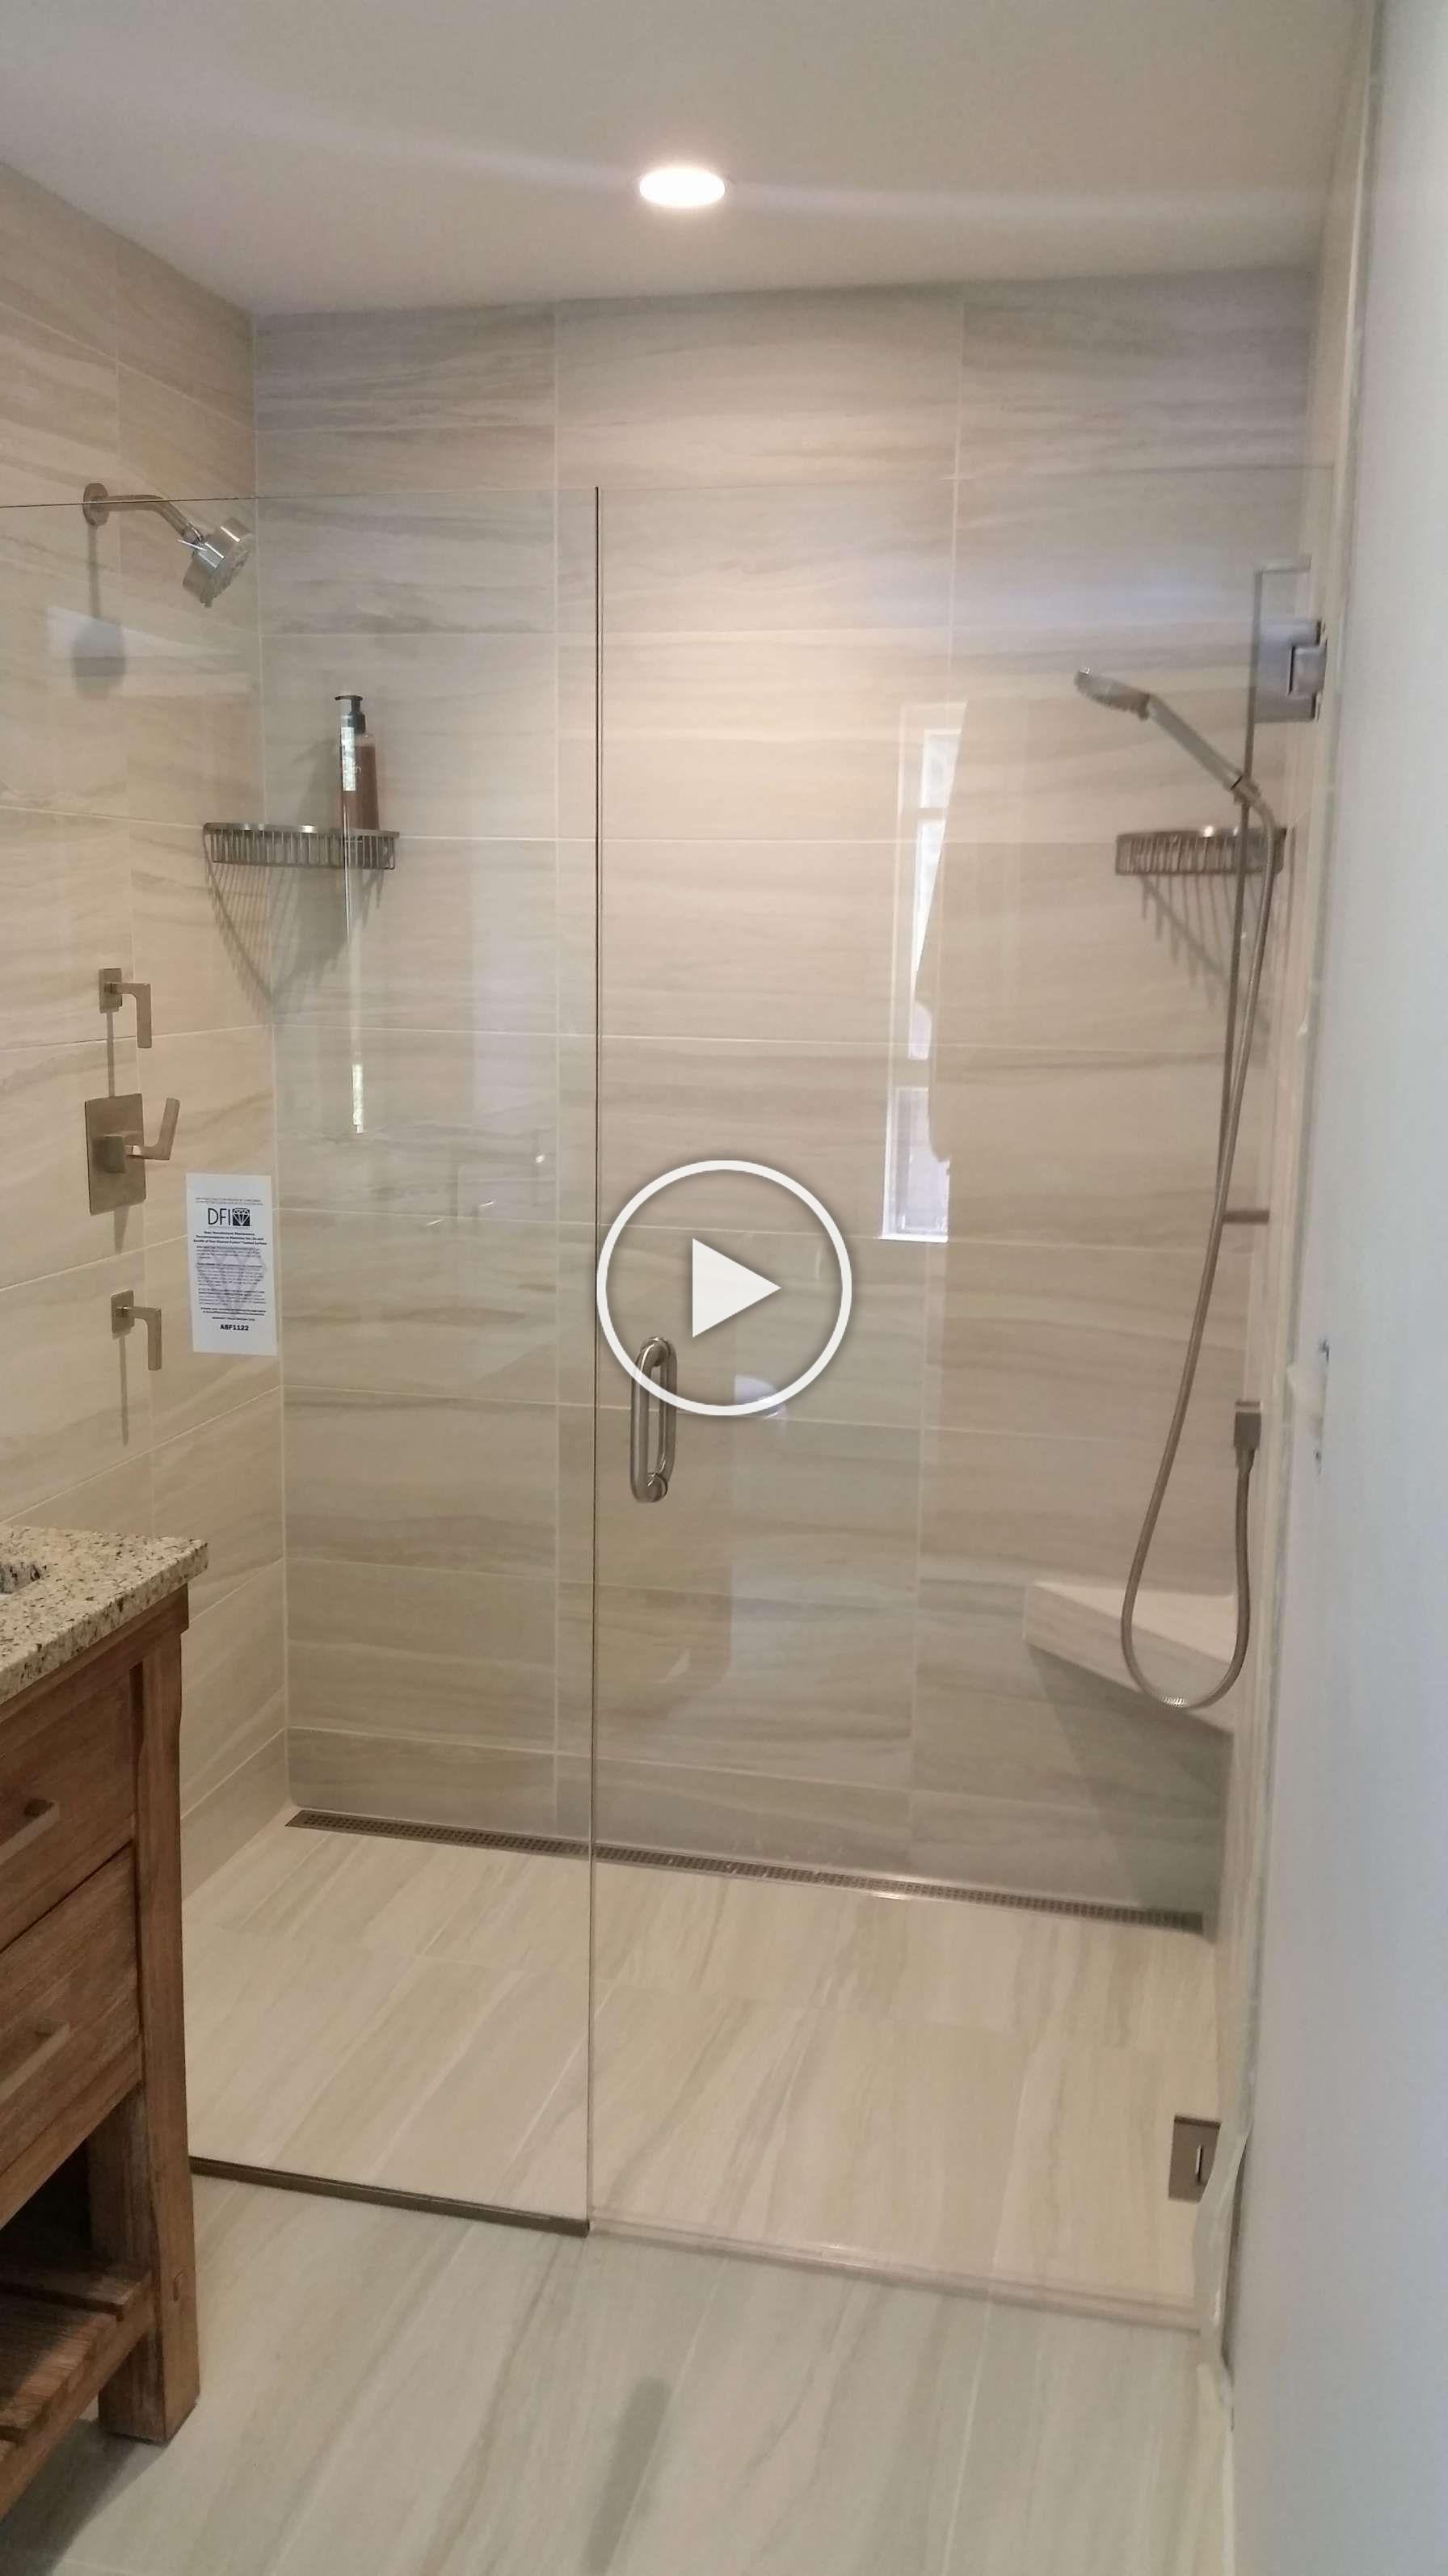 Dusche Ideen Fur Kleine Badezimmer Dusche Ideen Fur Kleine Badezimmer Wenn Sie Mocht In 2020 Trendy Bathroom Tiles Bathroom Design Bathroom Shower Design